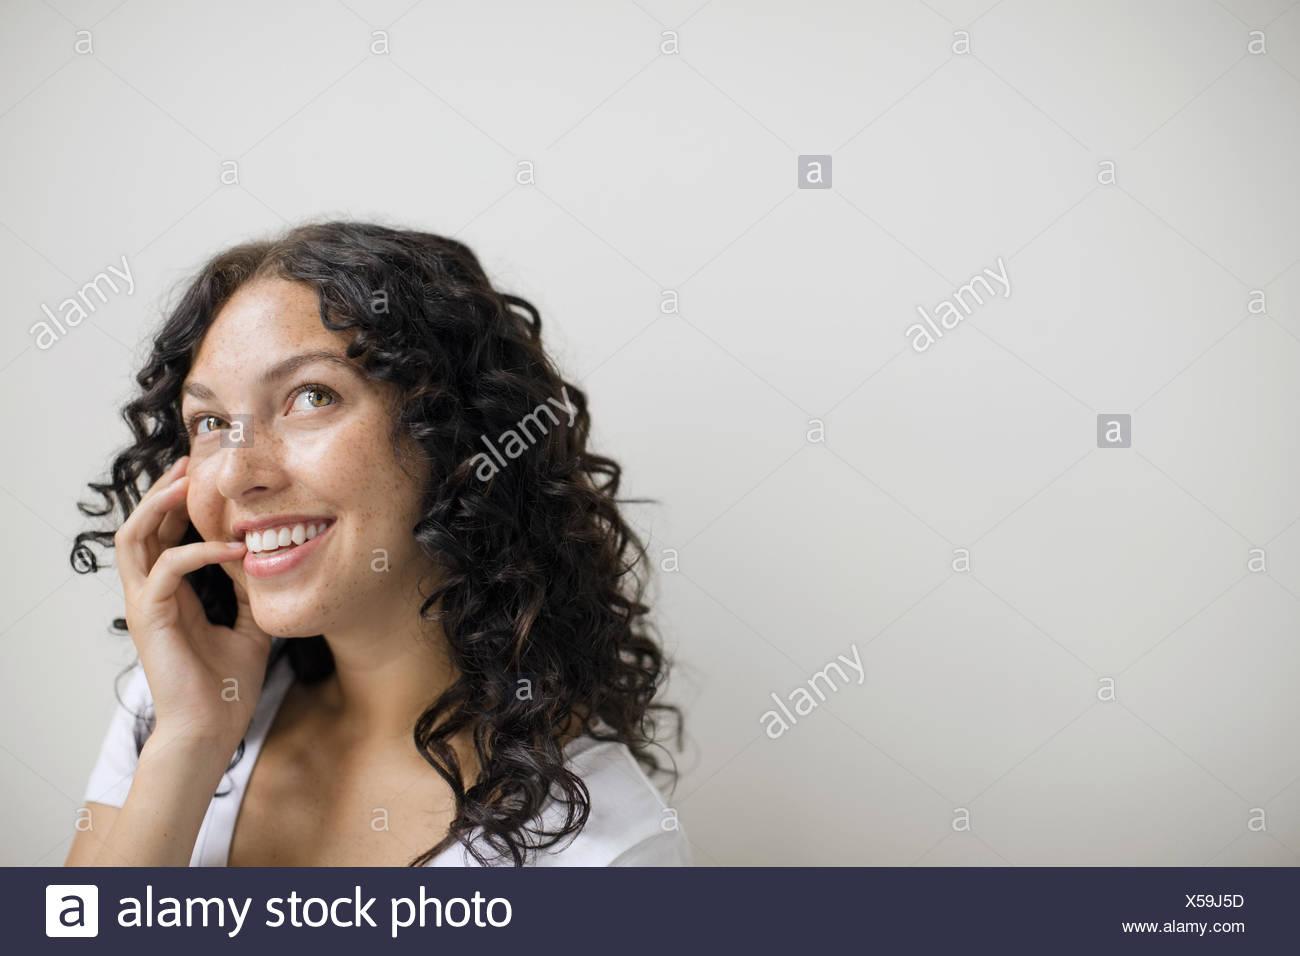 Curioso donna con ricci capelli neri Immagini Stock